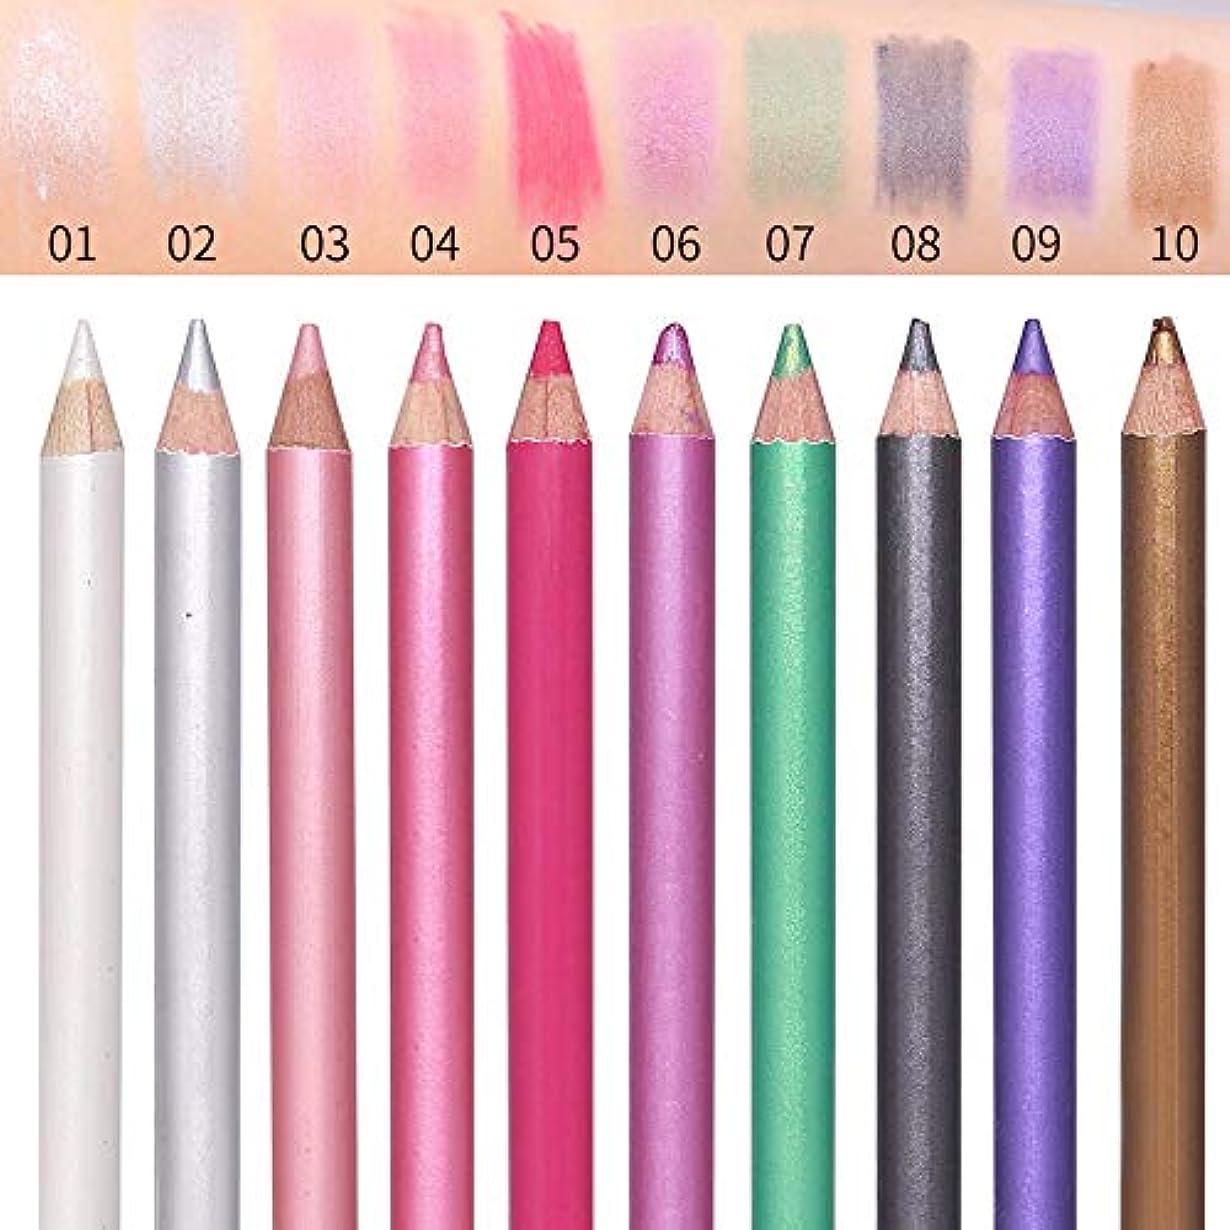 抑圧平らな最大化する1ピースフェイスアイシャドウペンシルハイライト輪郭ペンスティック防水長続き化粧10色シャドウペンシル付きブレンダー (3)